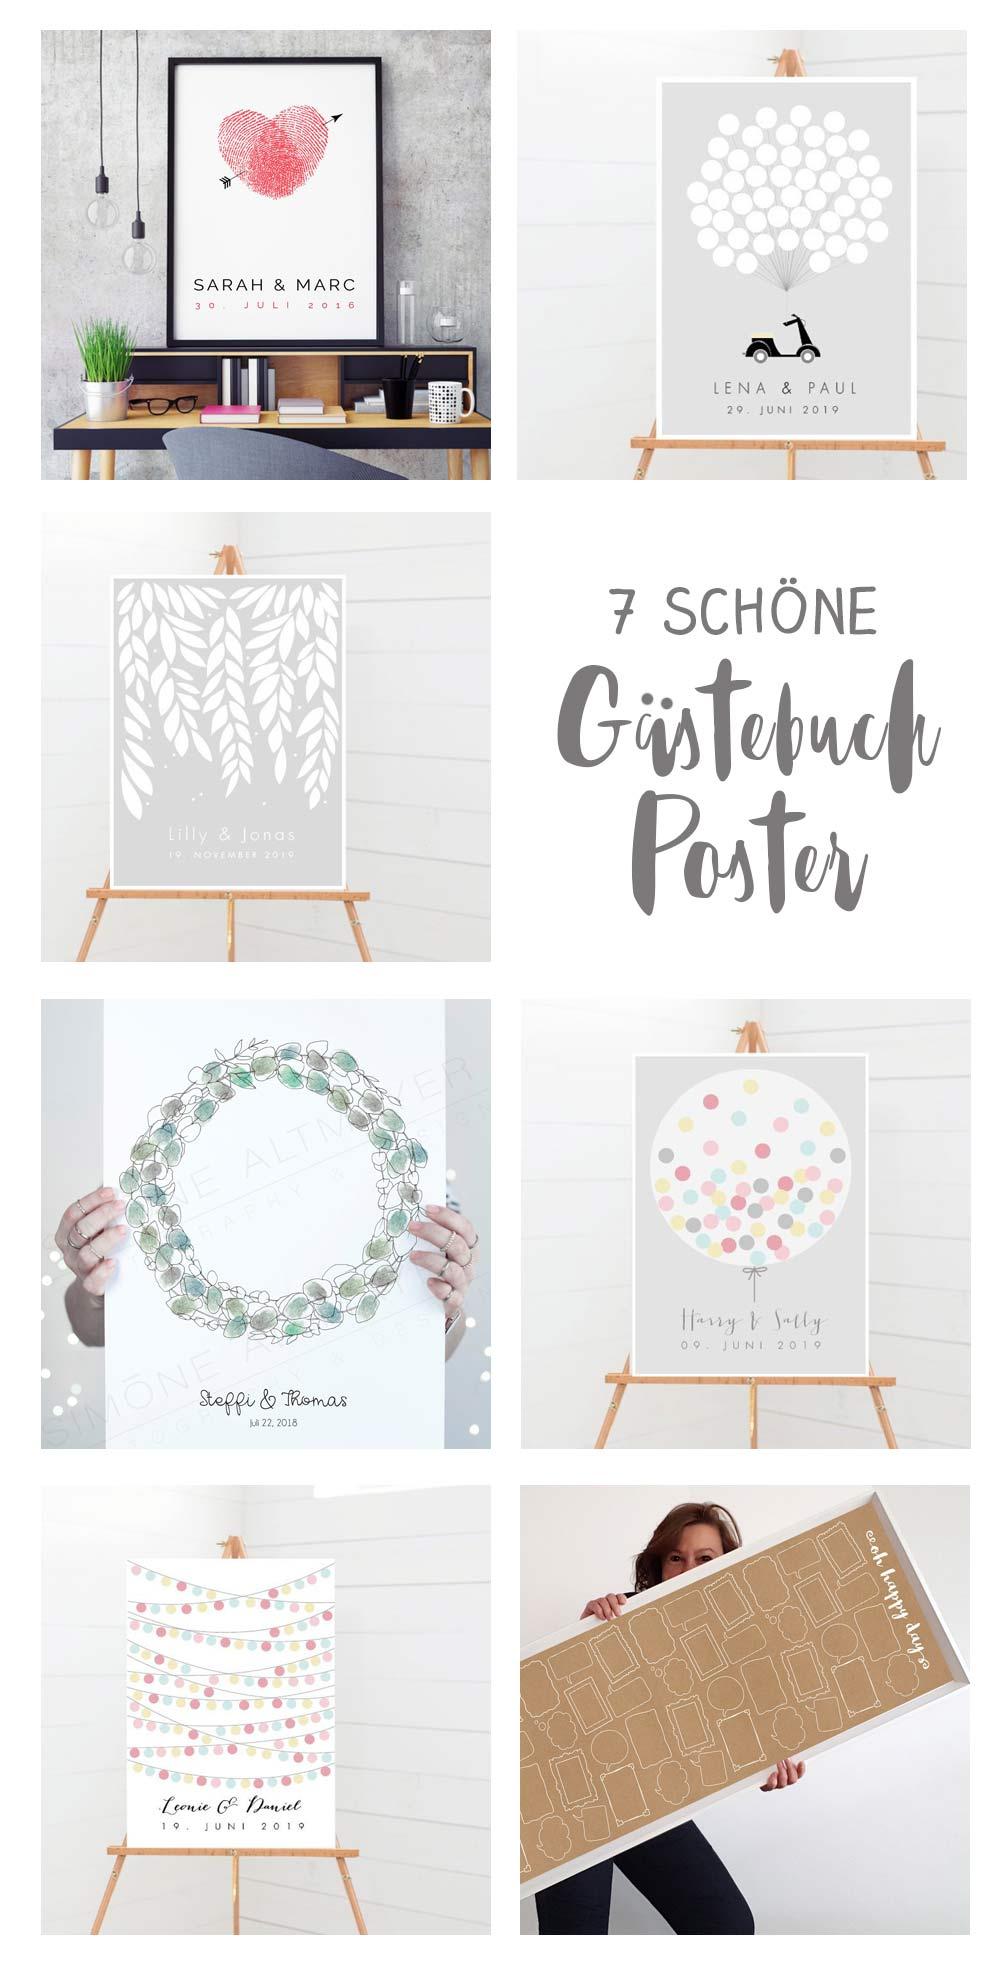 7 schöne Gästebuch Poster für eure Hochzeit - Fingerprint und Co - Individualisierbar